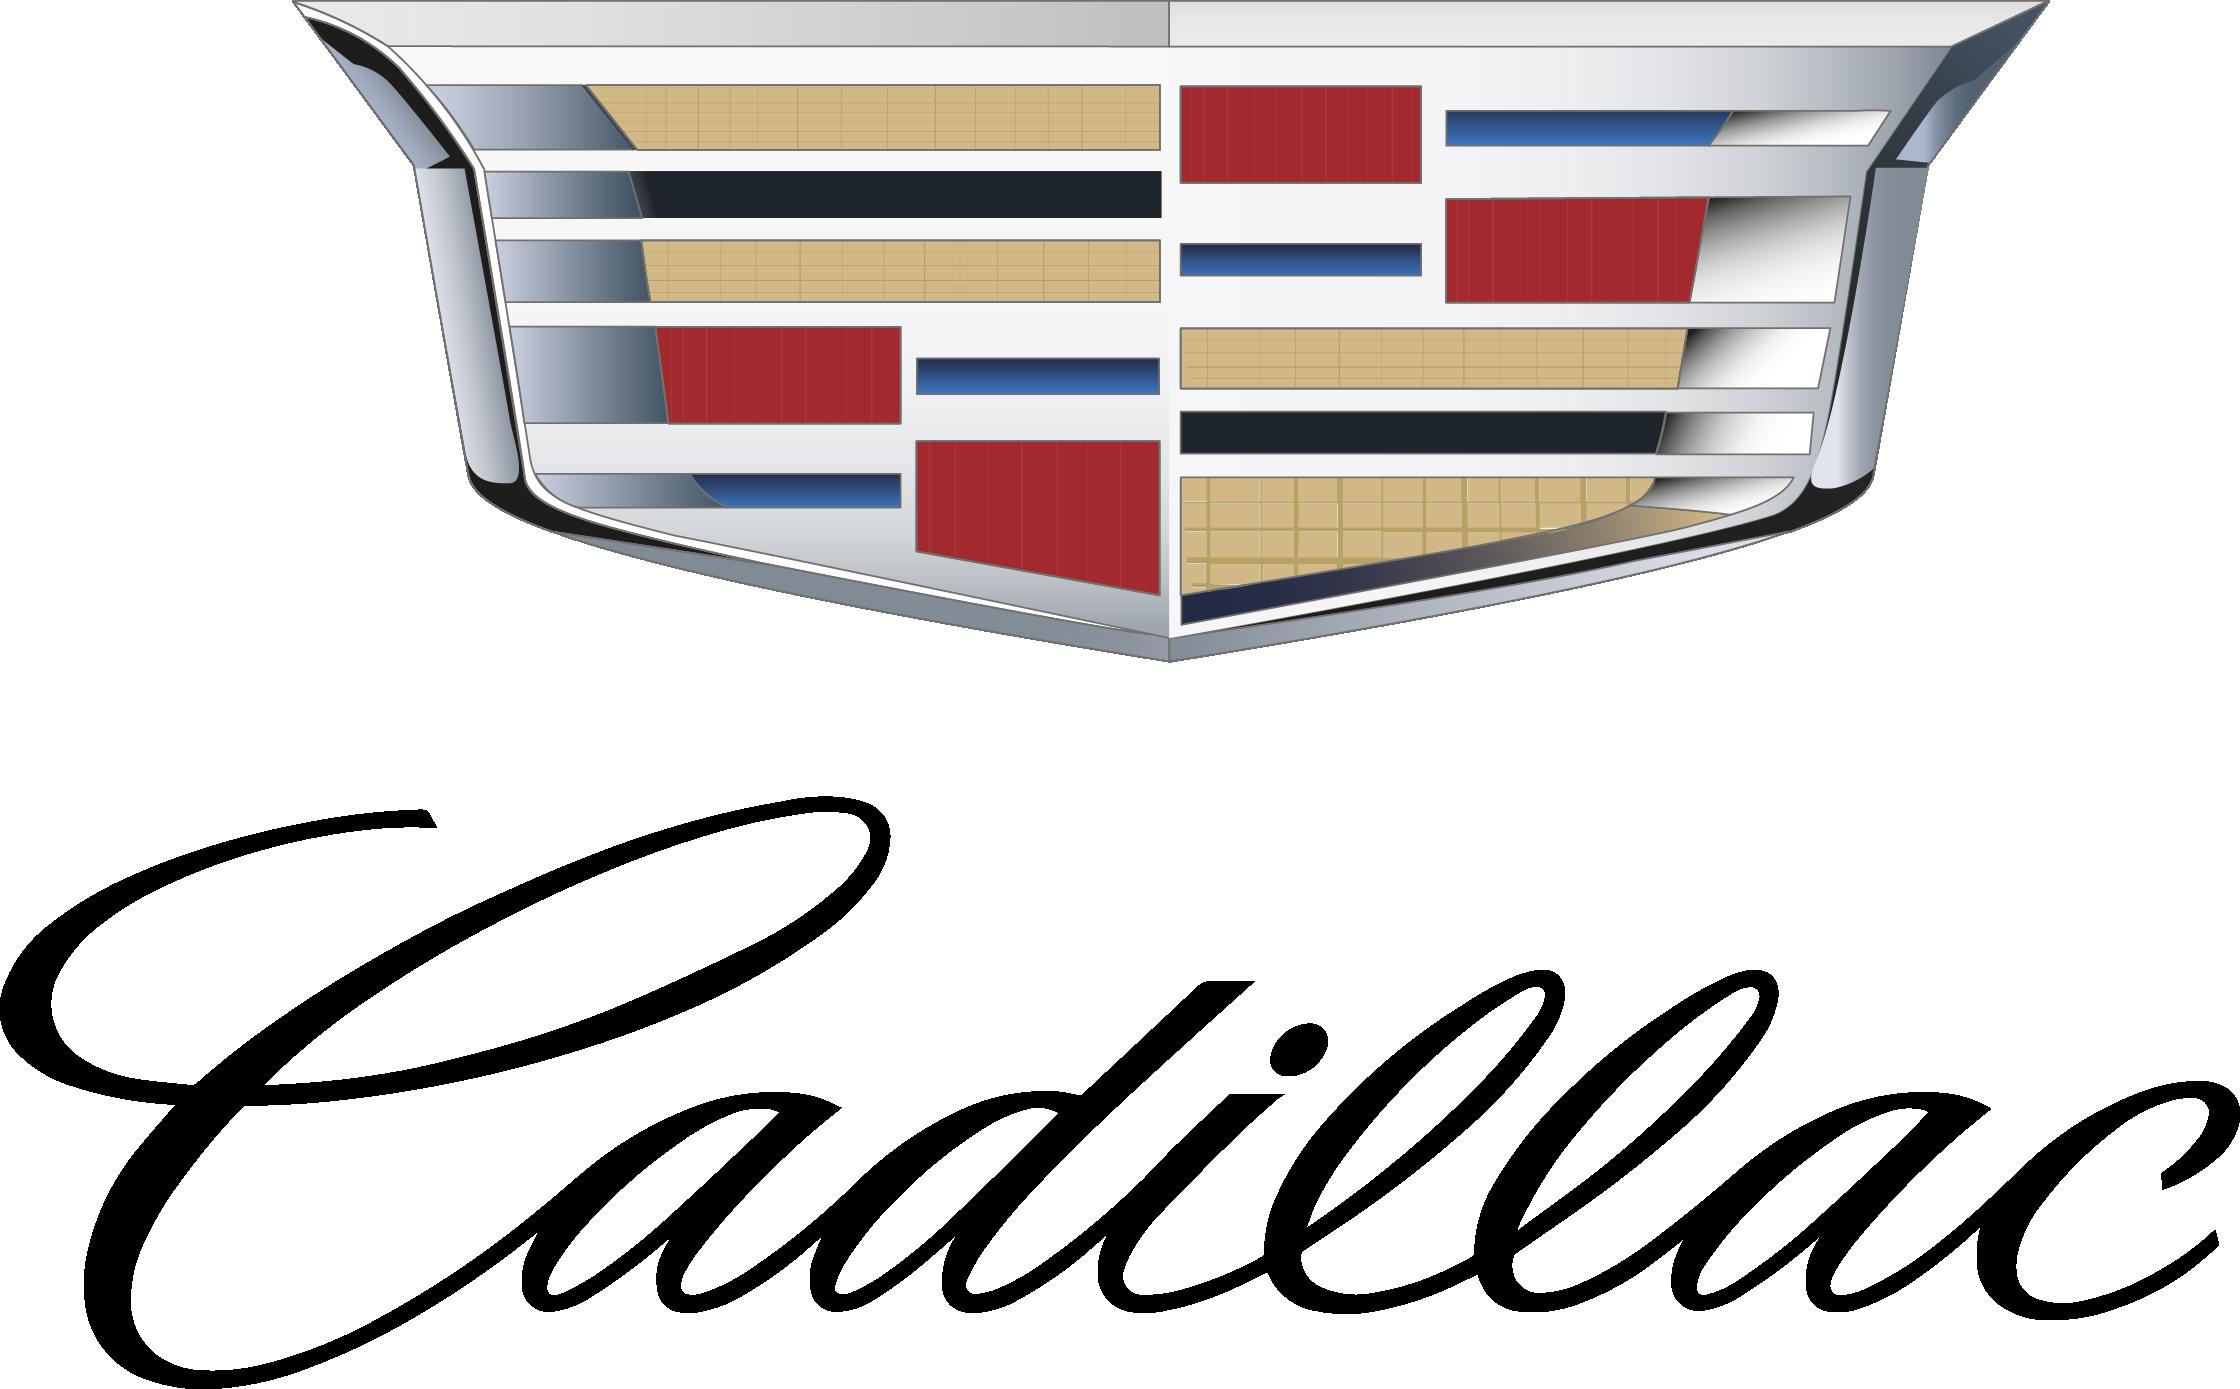 CONCESSIONARIO CADILLAC USATE Idea Auto Srl a Bomporto in provincia di Modena: acquisto auto e veicoli commerciali in contanti, soccorso stradale H24, carroattrezzi sempre operativo, vendita auto nuove e usate, veicoli commerciali nuovi e usati